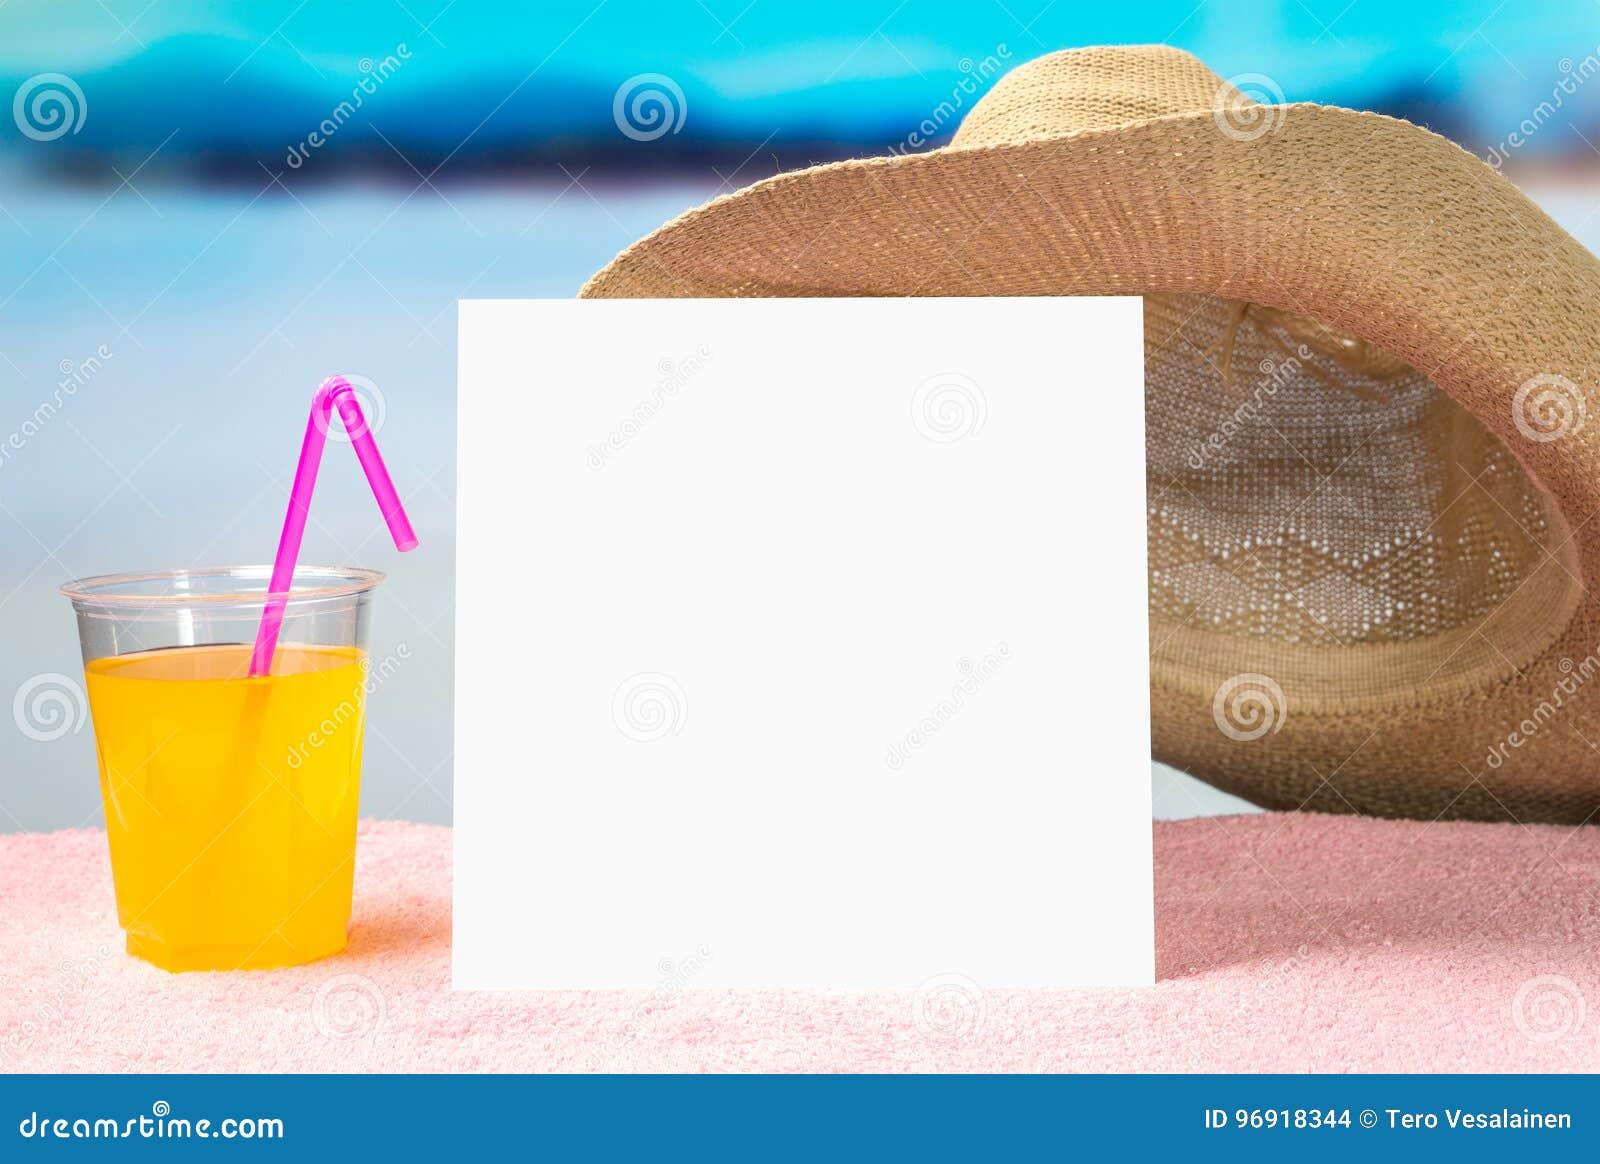 Sommerangebot-Hintergrundschablone für Förderung und Verkäufe Gelbes Cocktail und geströmter Hut auf Tuch mit schöner Paradiesans